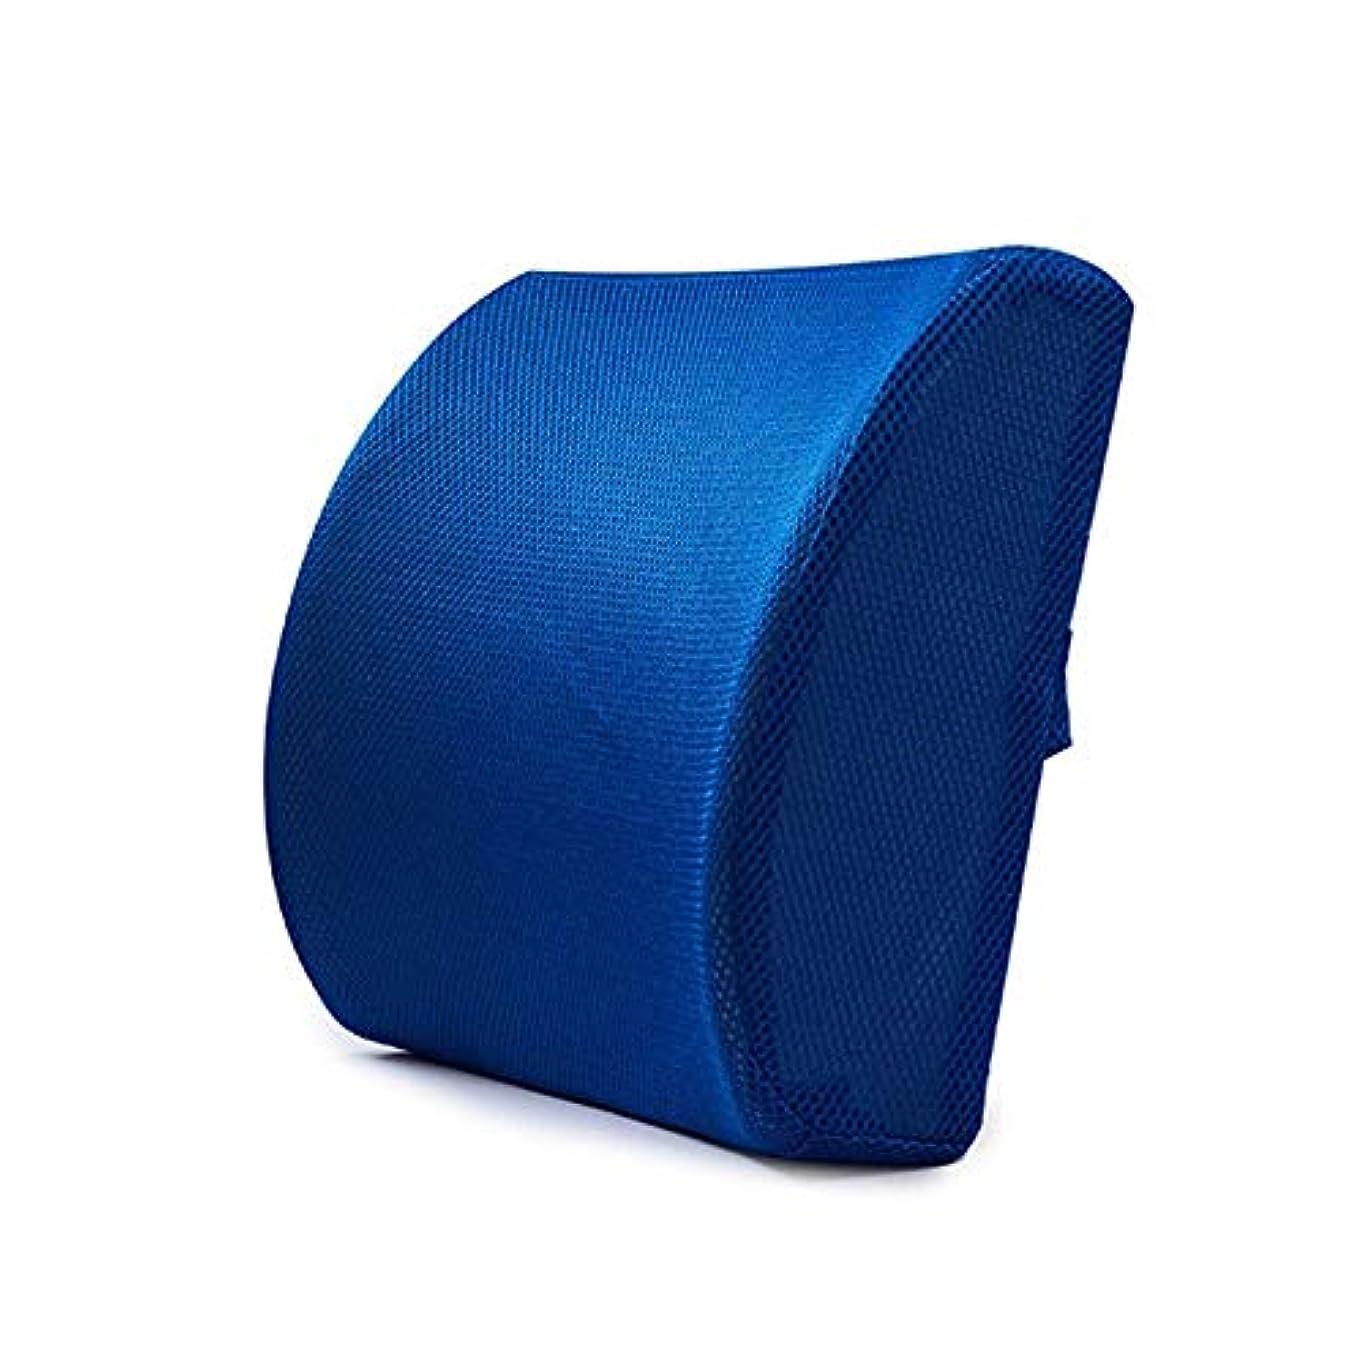 虹ランドマーク世界記録のギネスブックLIFE ホームオフィス背もたれ椅子腰椎クッションカーシートネック枕 3D 低反発サポートバックマッサージウエストレスリビング枕 クッション 椅子